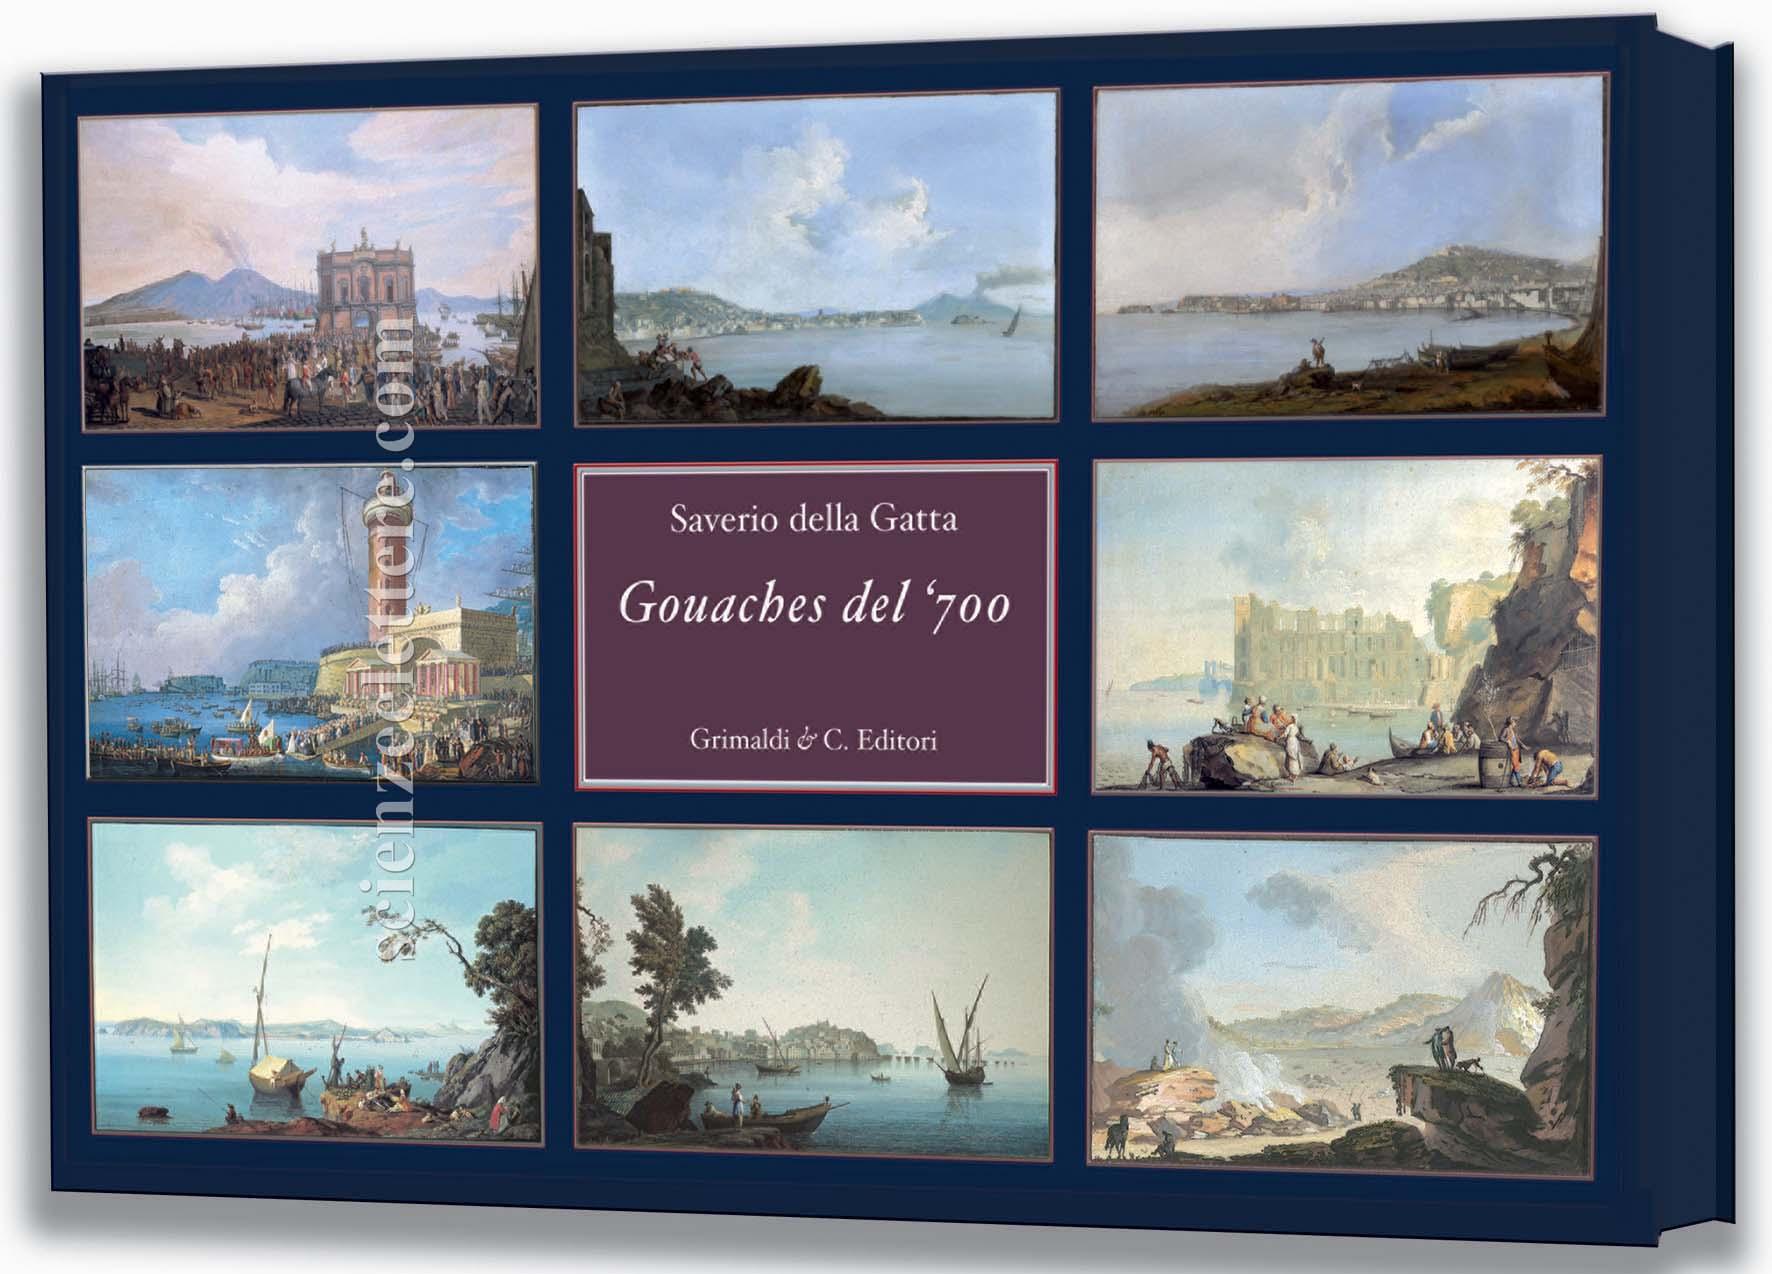 Gouaches del 700  Scienze e Lettere Casa Editrice  Rome Italy